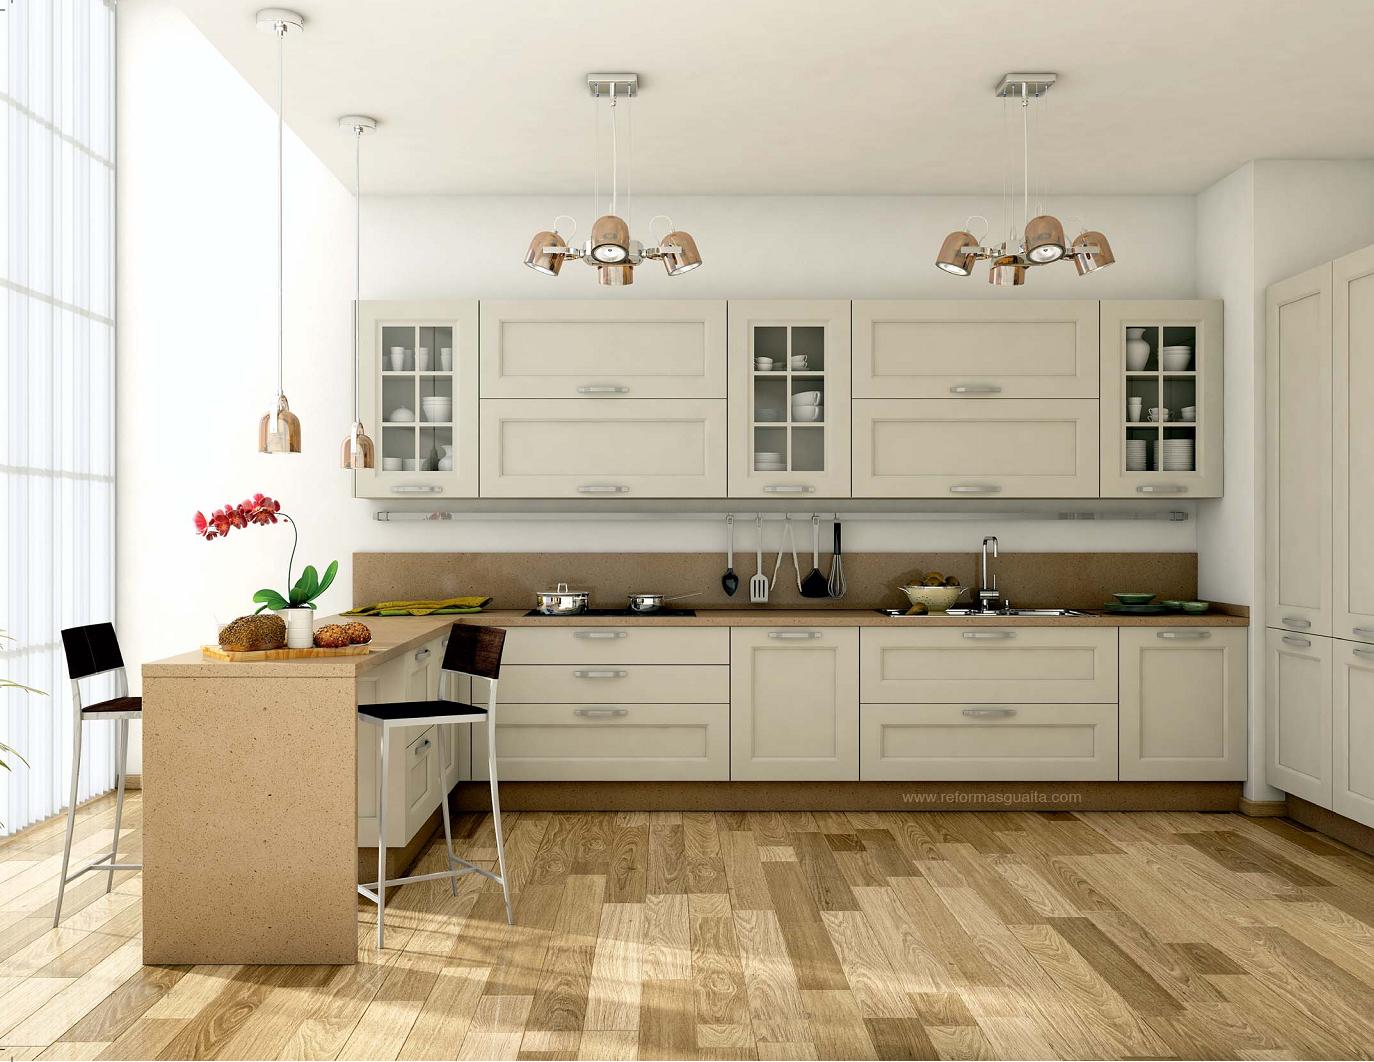 Cocinas Rusticas En Blanco. Awesome Tags Muebles Cocina Obra ...